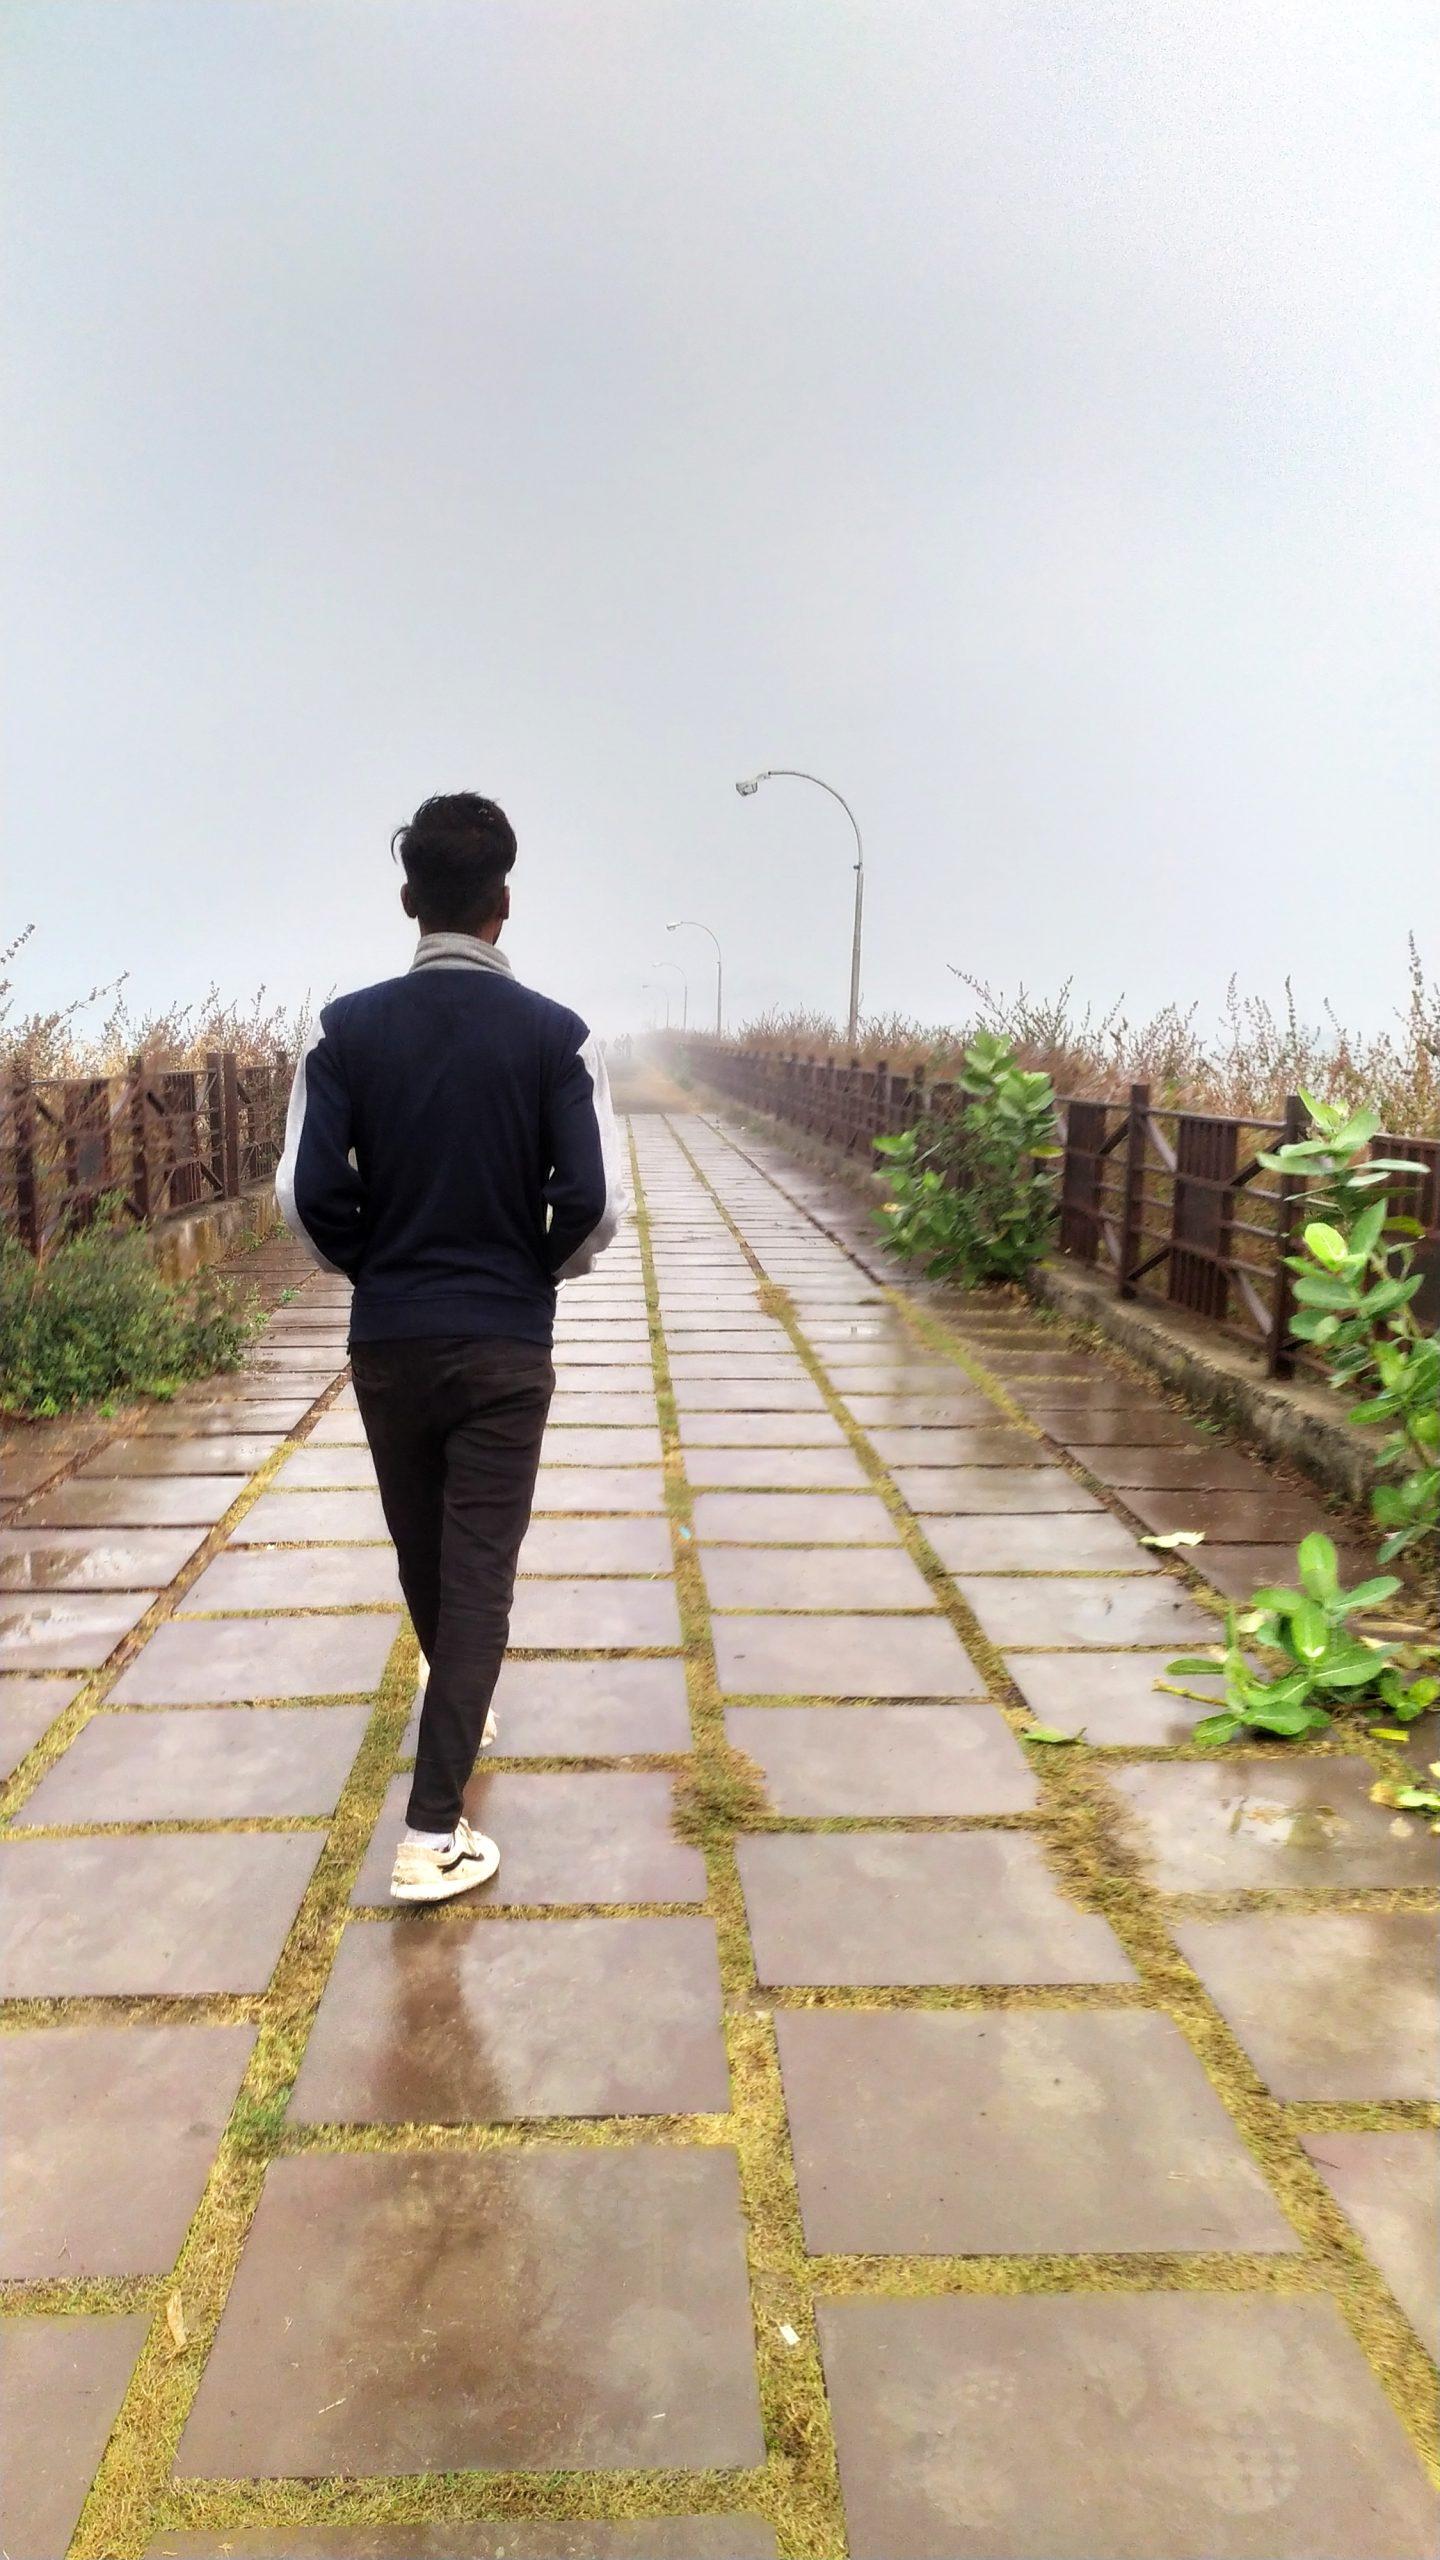 Model walking on a side walk